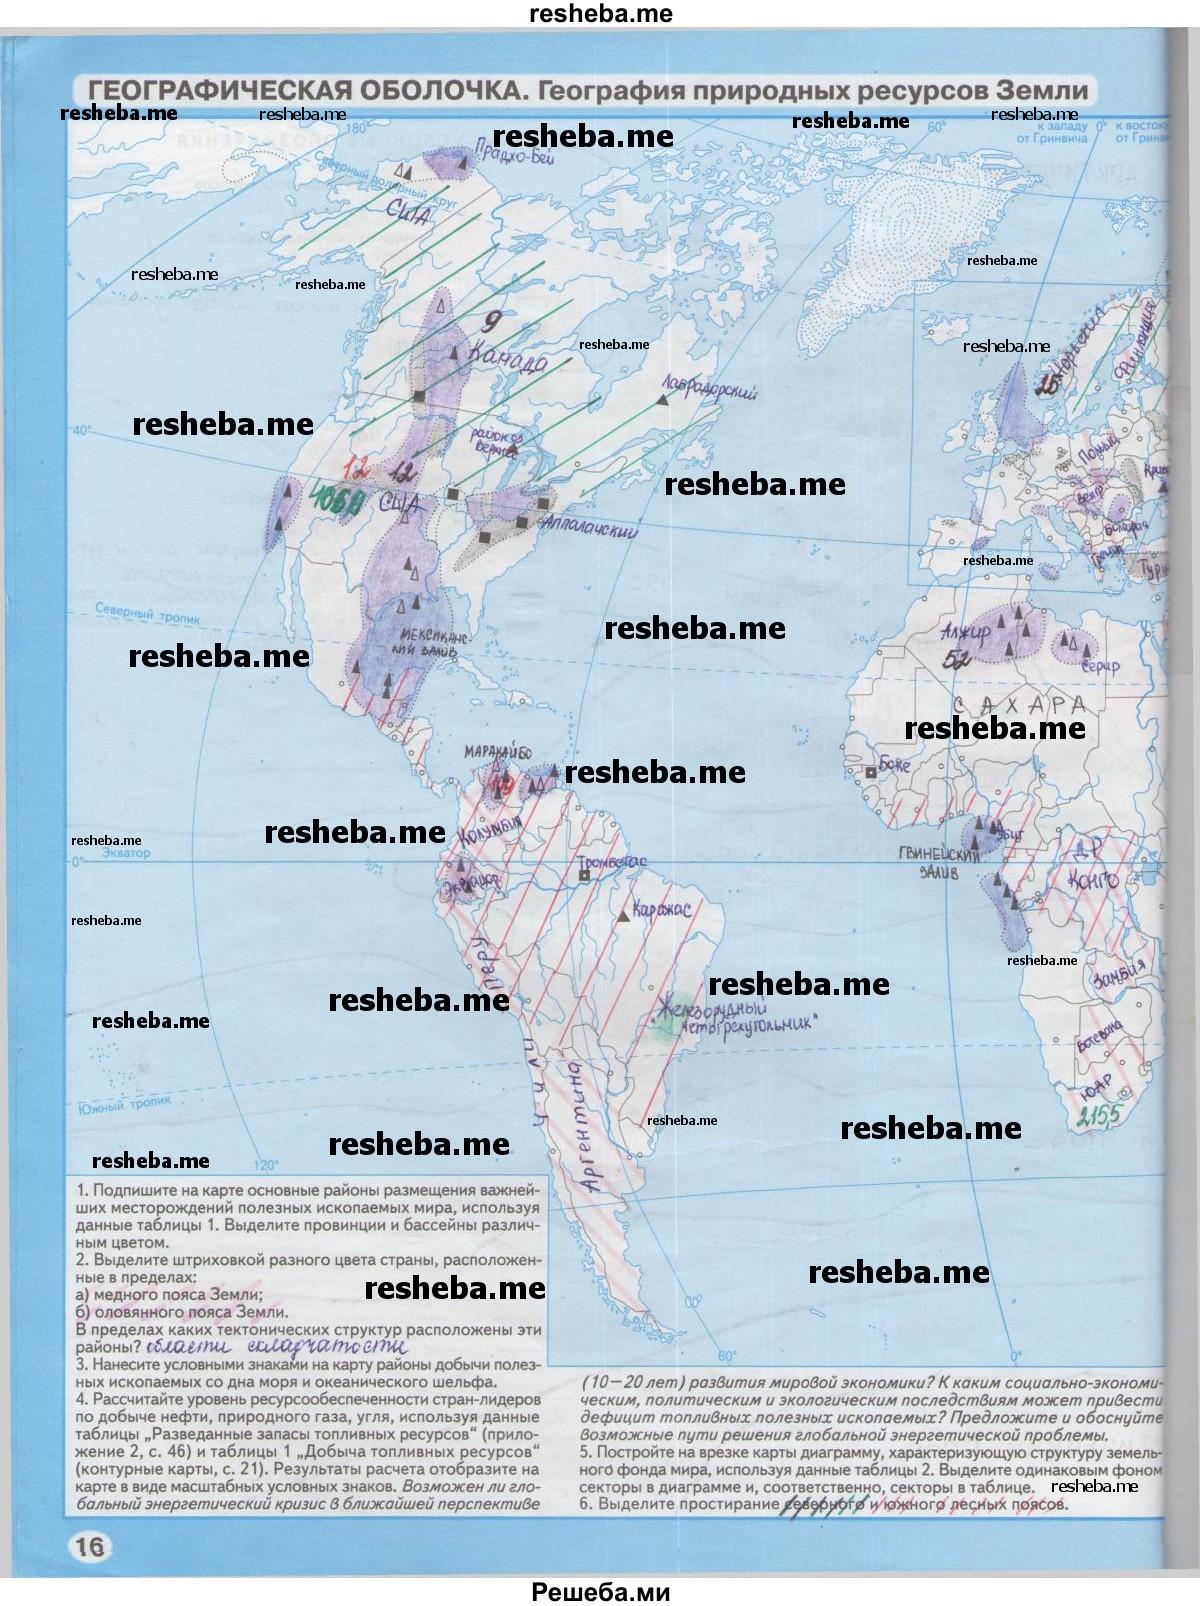 гдз контурная карта 10-11 класс география